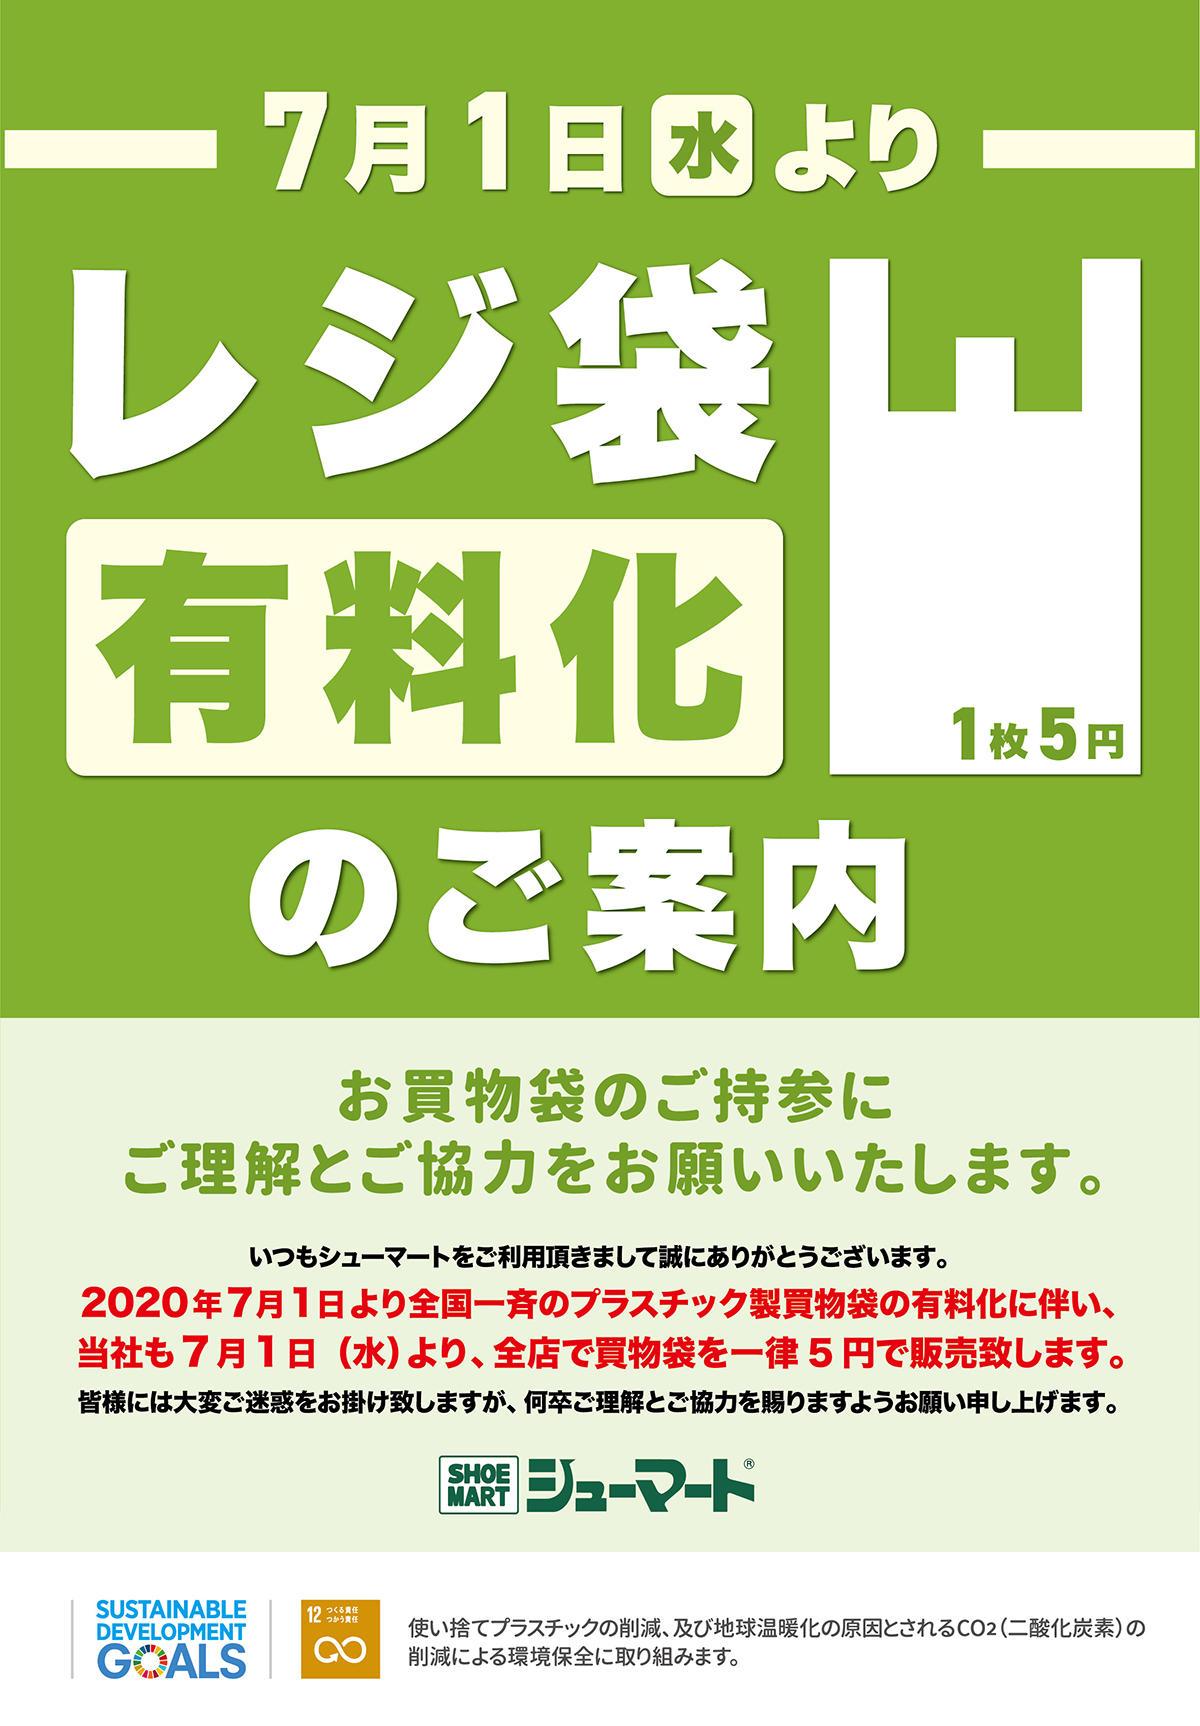 200701 レジ袋有料化POP.jpg